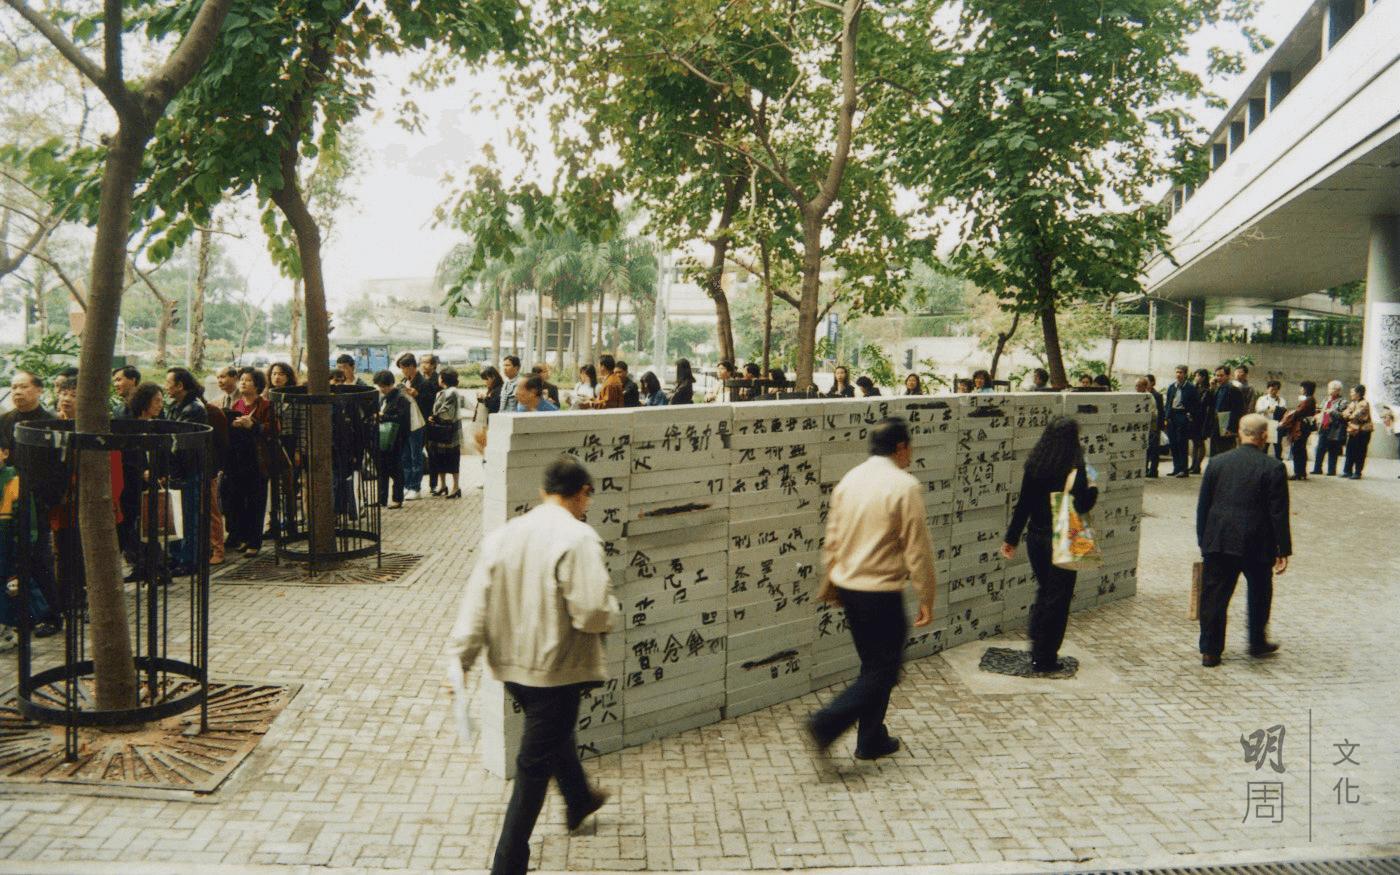 《驅動器》(1996),林在藝術中心外建起一道高牆,磚上寫上不同的政黨名字,這磚牆剛好遇上移民潮排隊申請BNO的人龍。